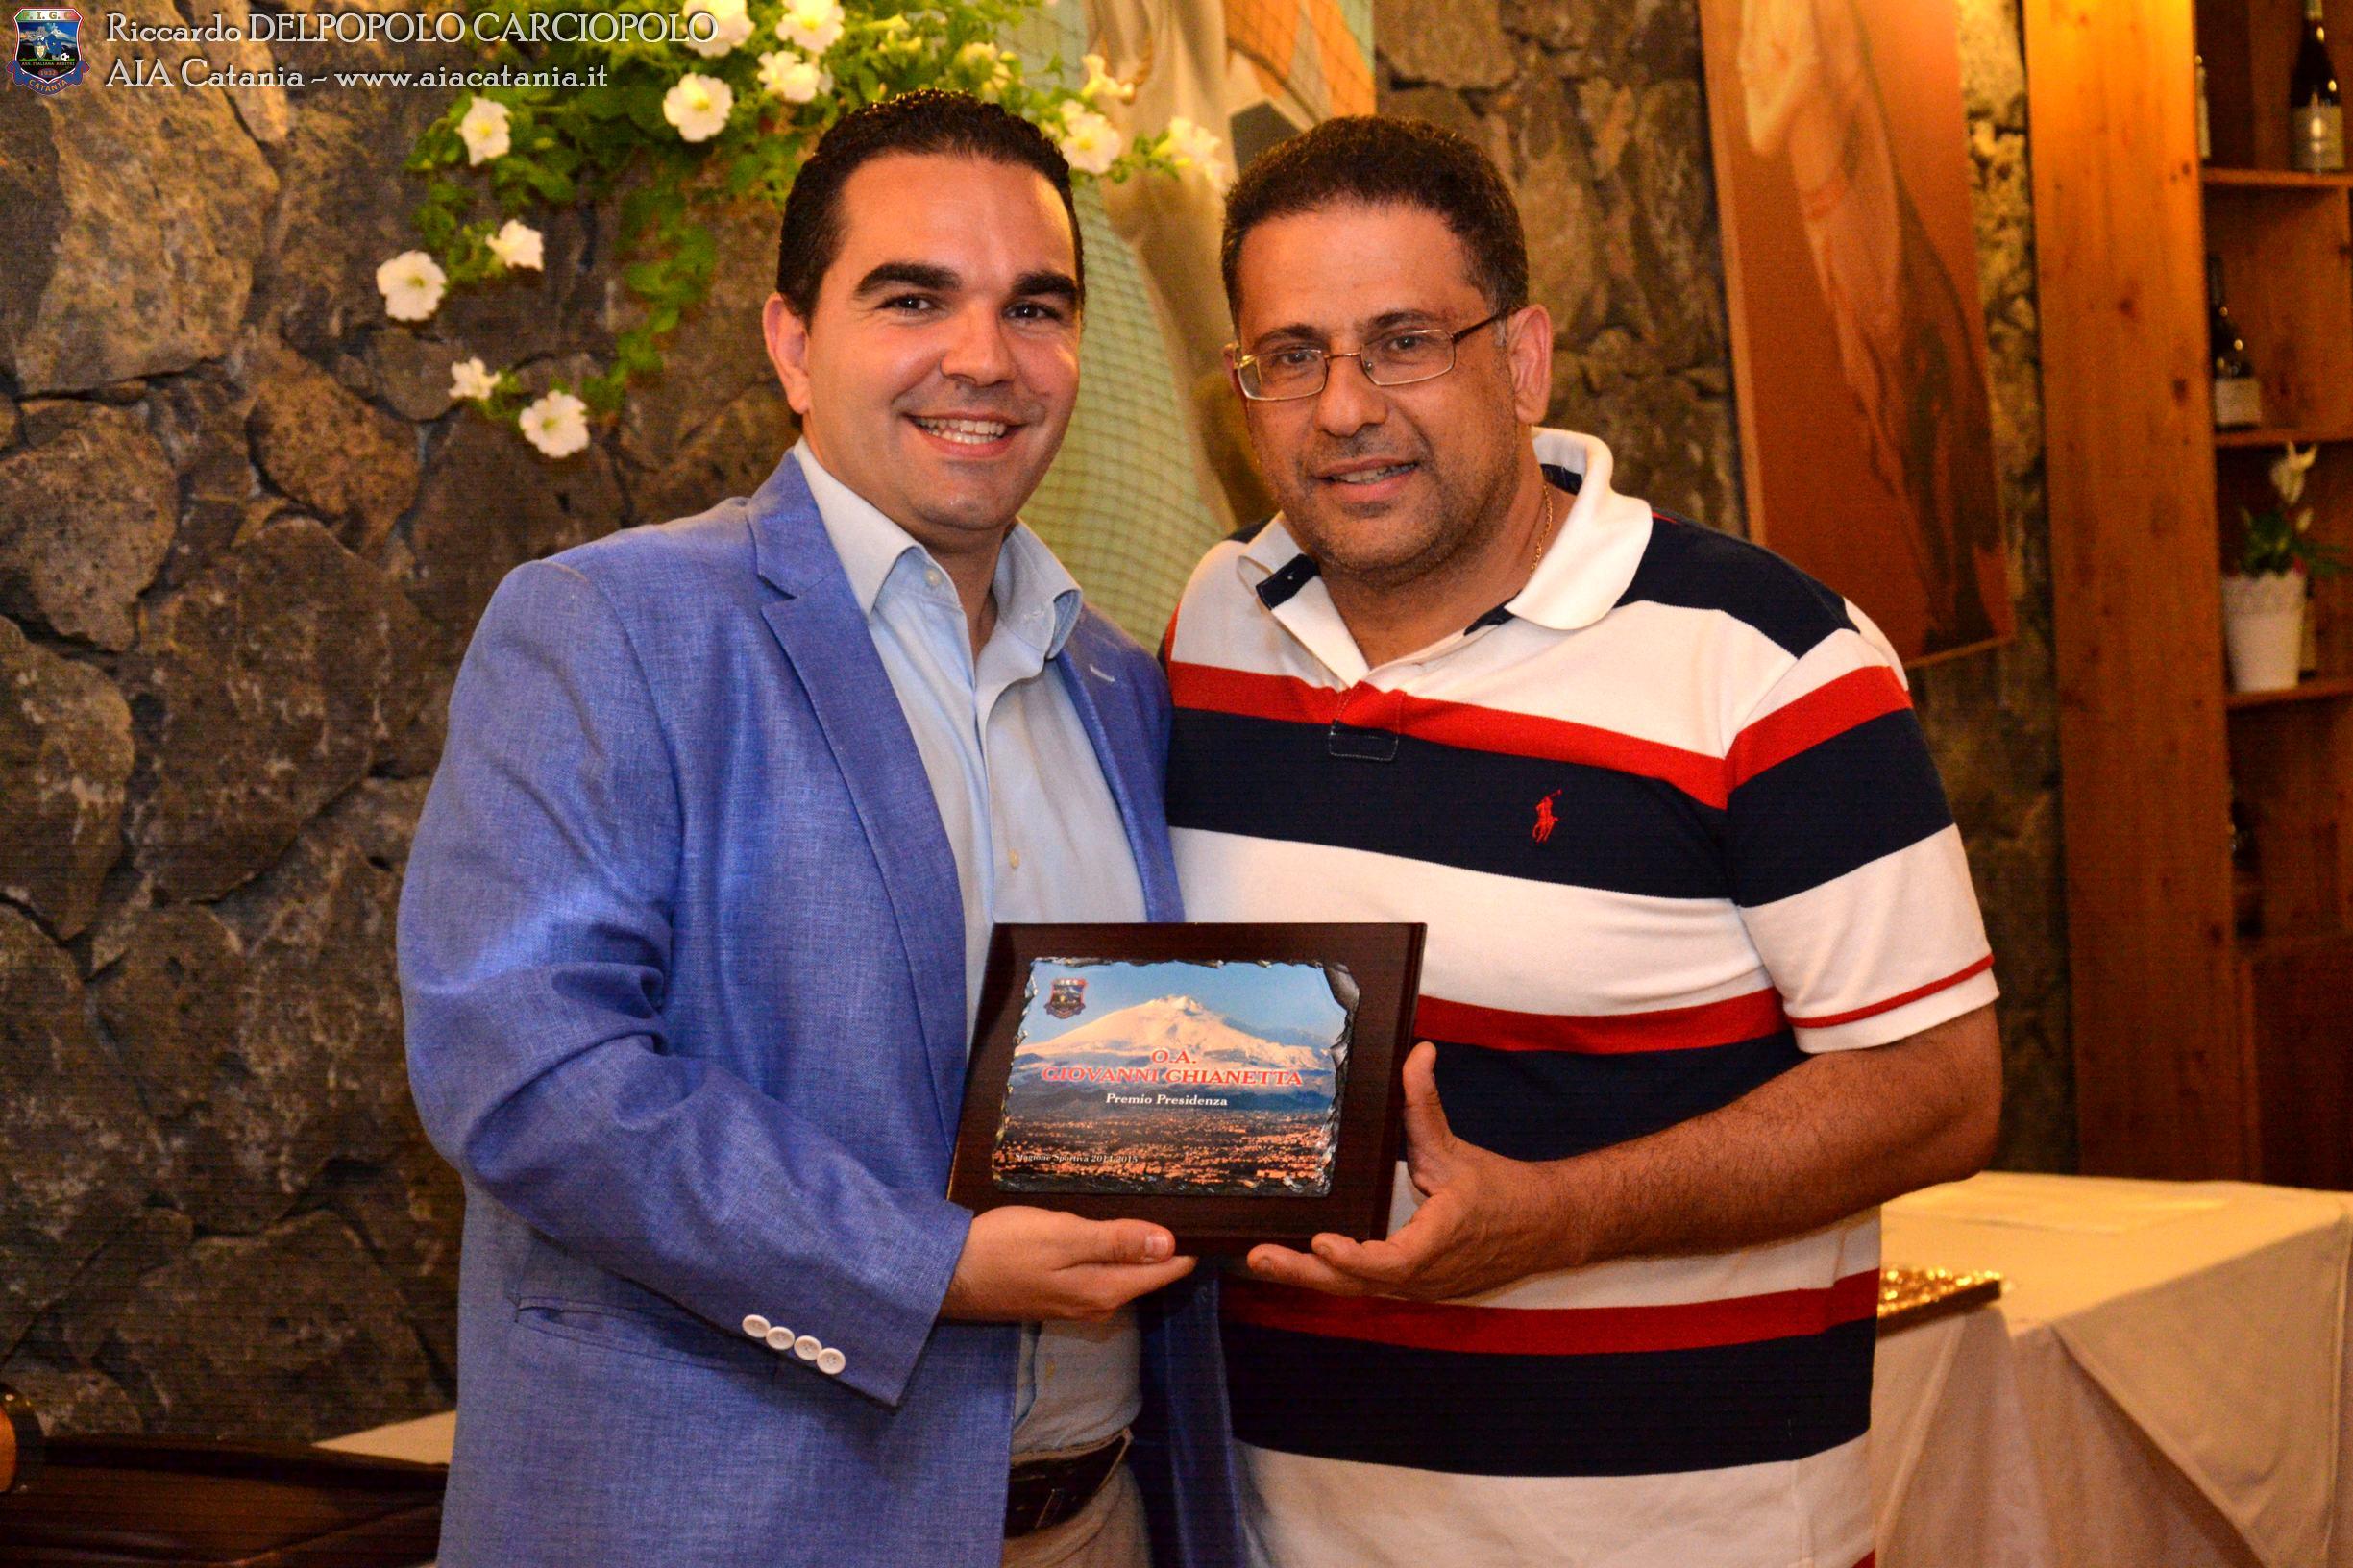 O.A. Giovanni CHIANETTA premiato col Premio presidenza C5 da Salvatore PITRONACI A.E. C5 e revisore dei conti AIA Catania.